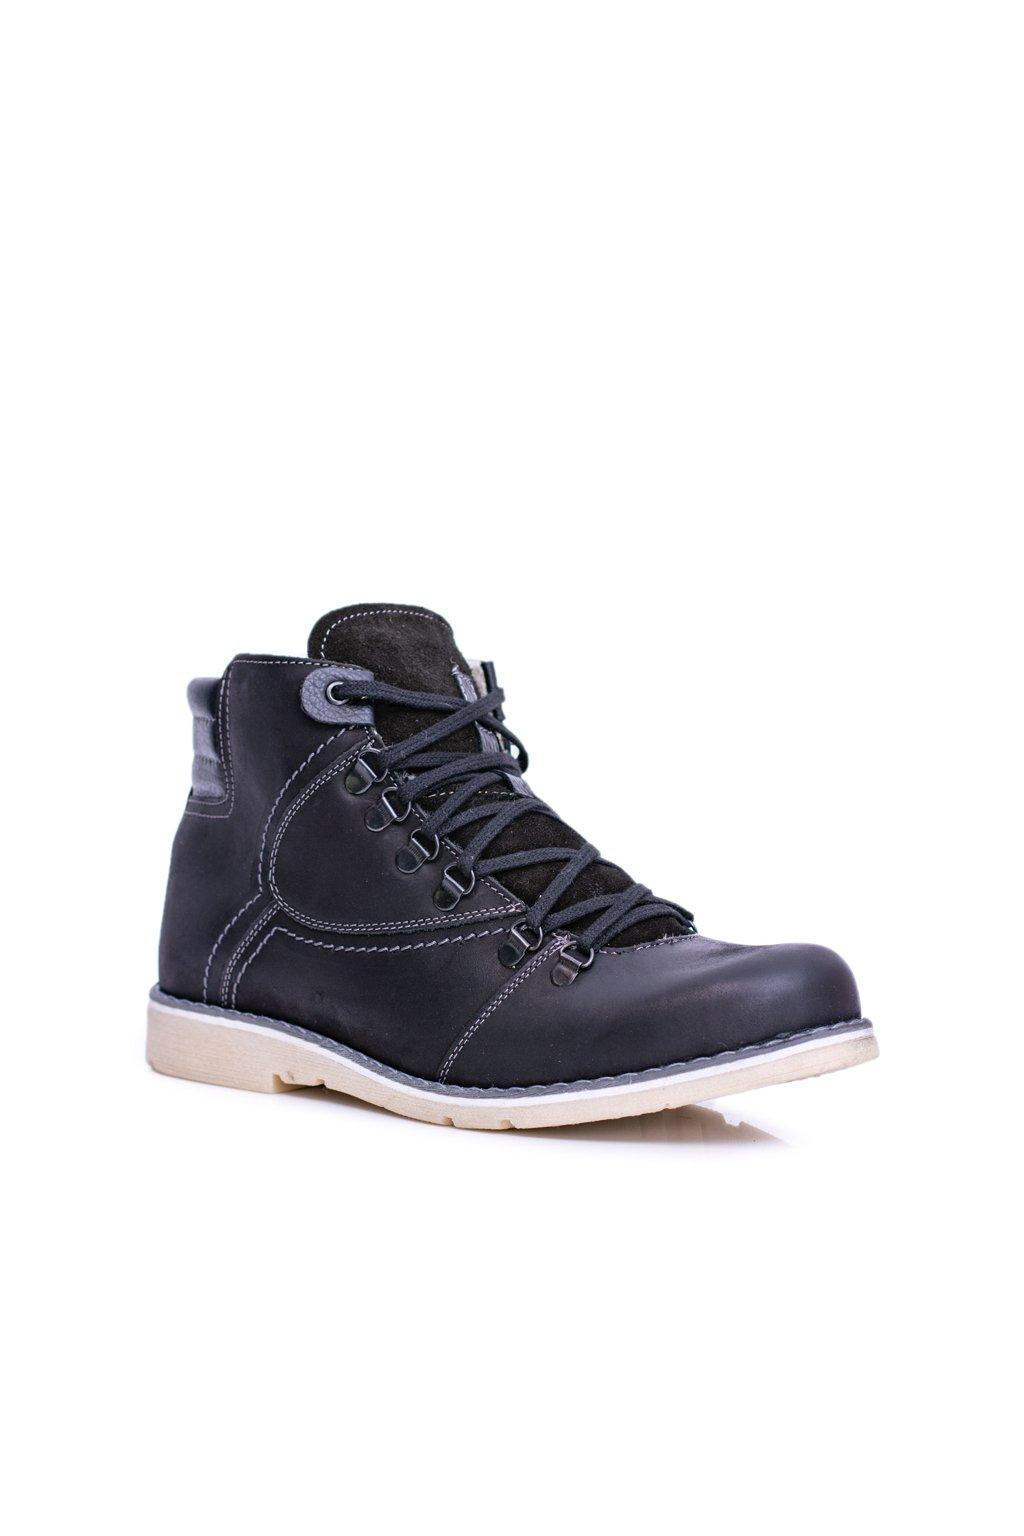 Pánske topánky na zimu farba čierna kód obuvi 733 BLK